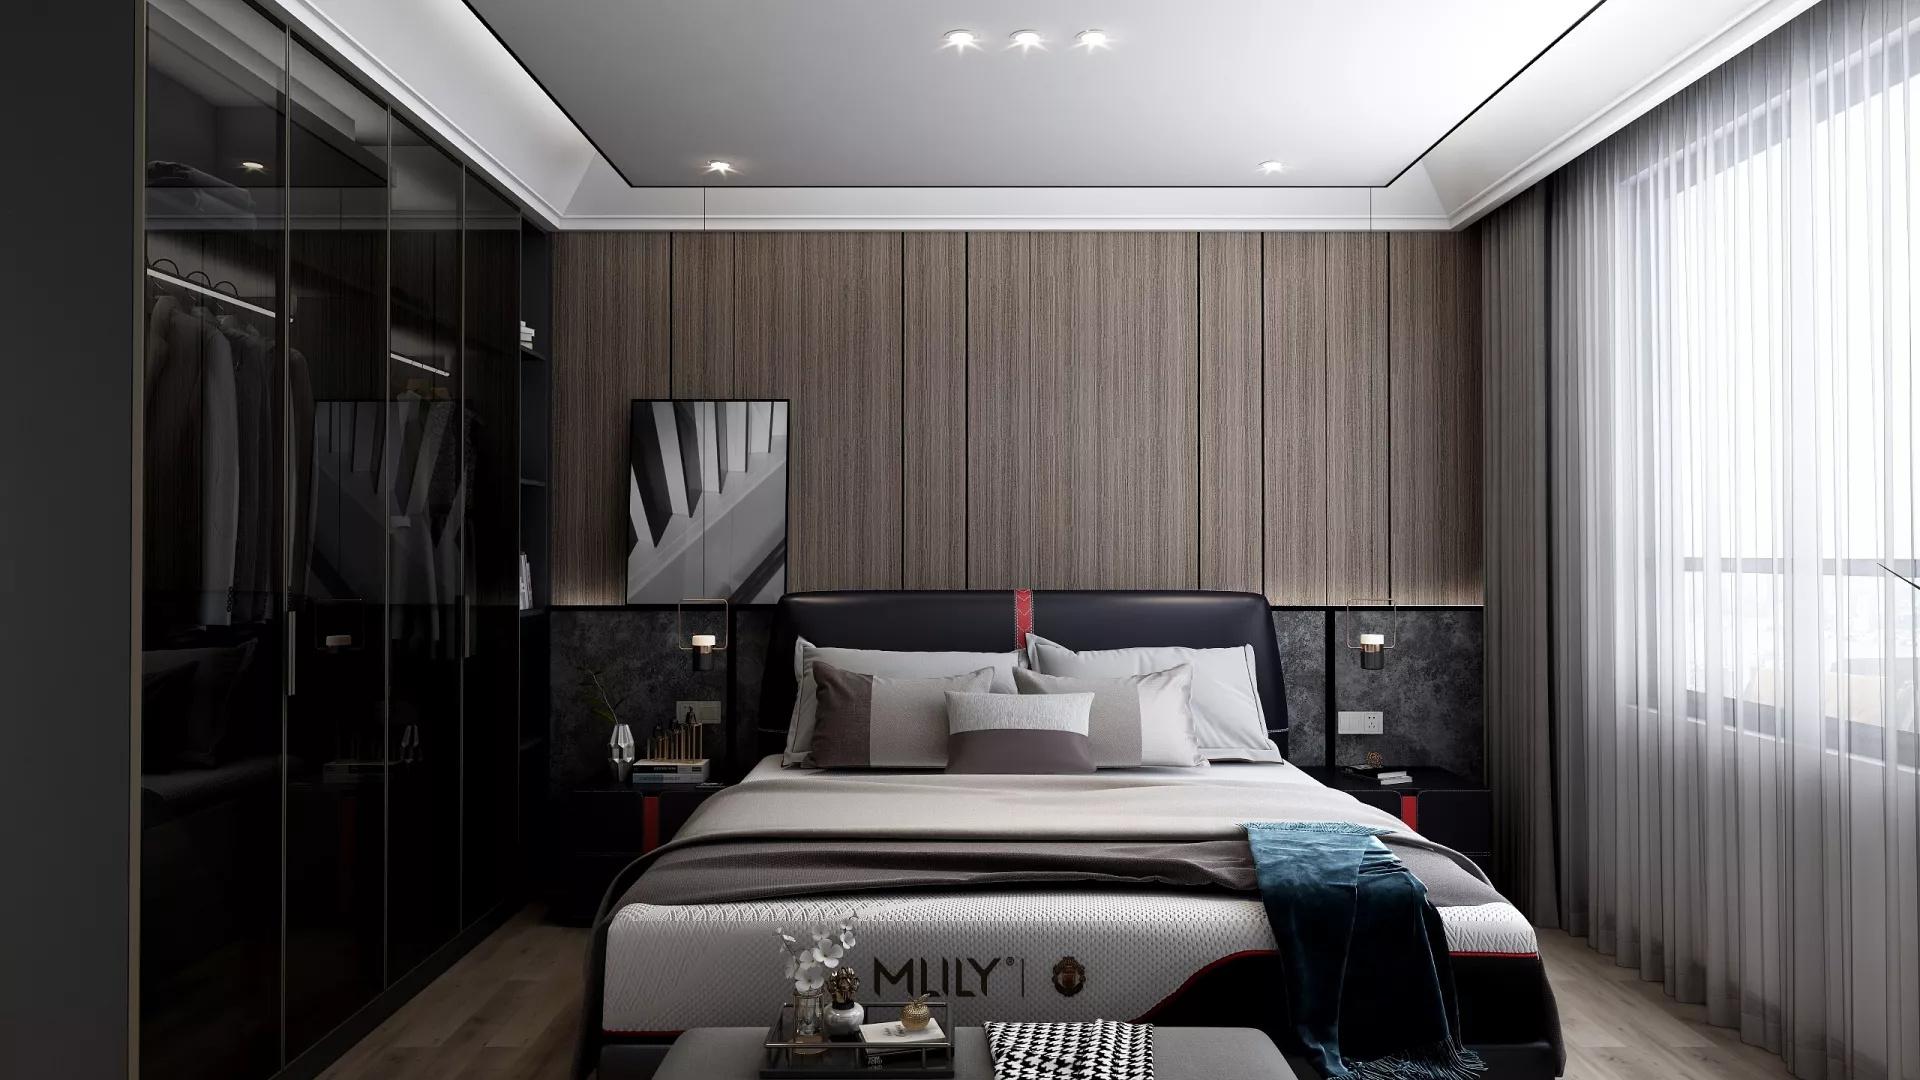 人文风雅又现代自然的中式客厅软装效果图